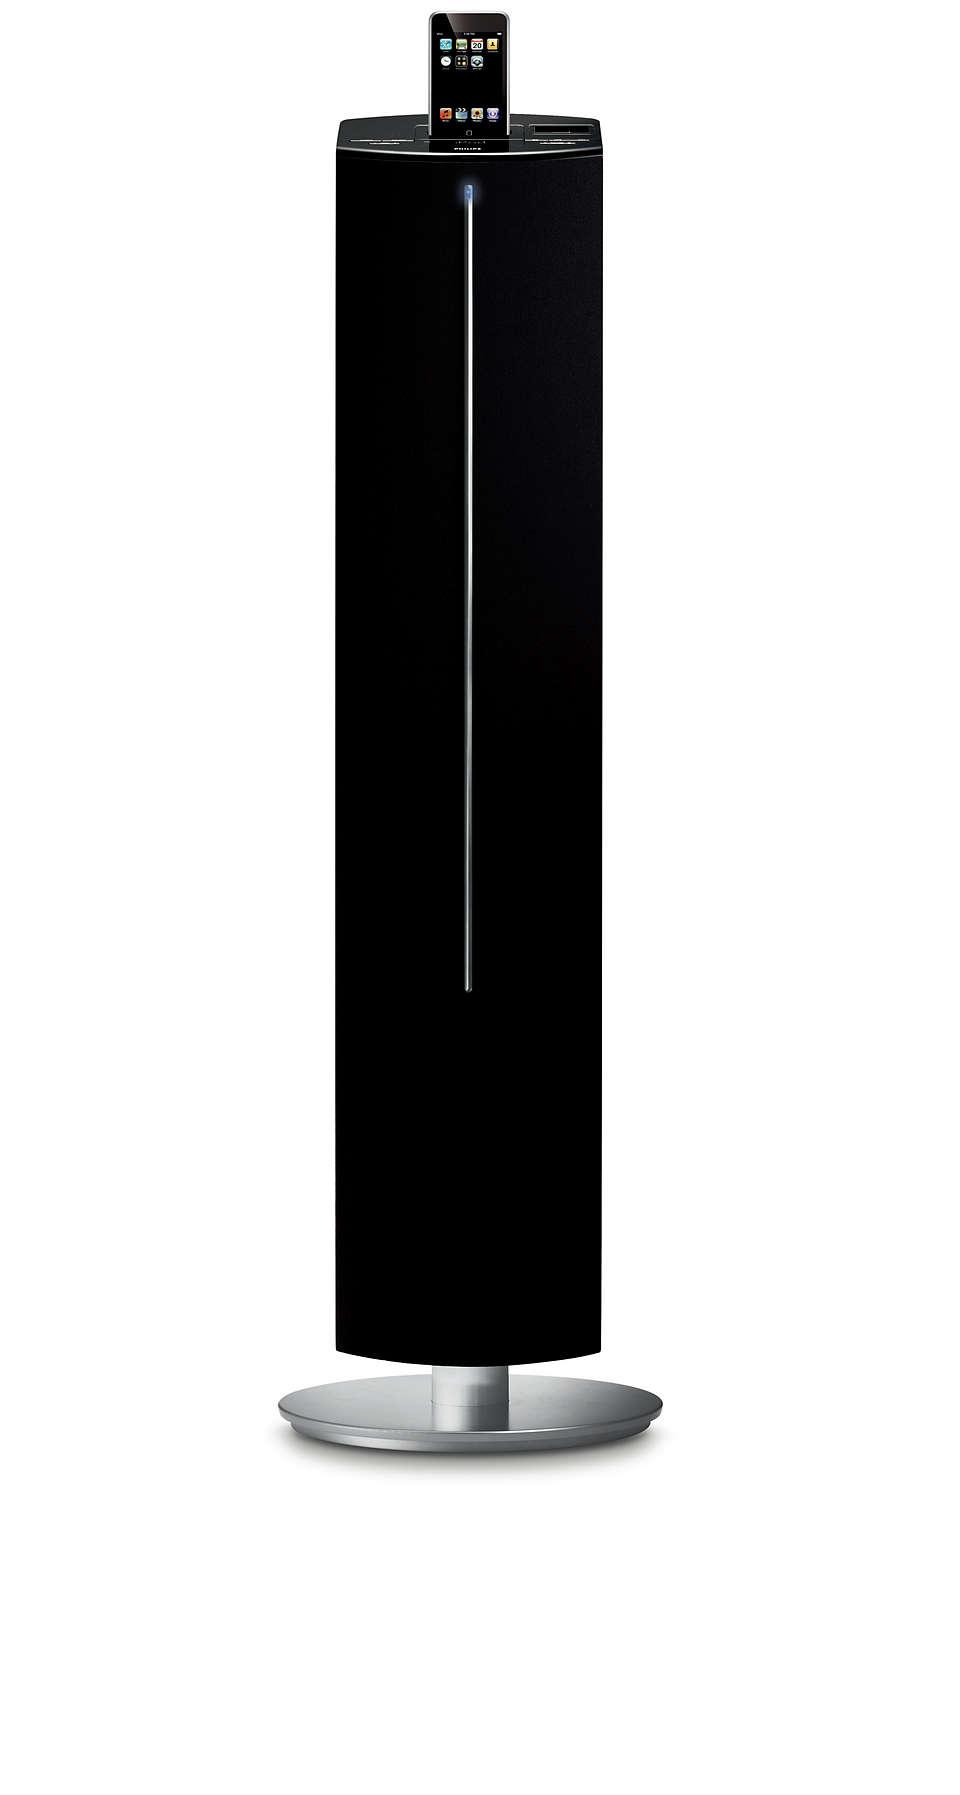 Curta músicas no iPod bem alto com a torre de caixa acústica